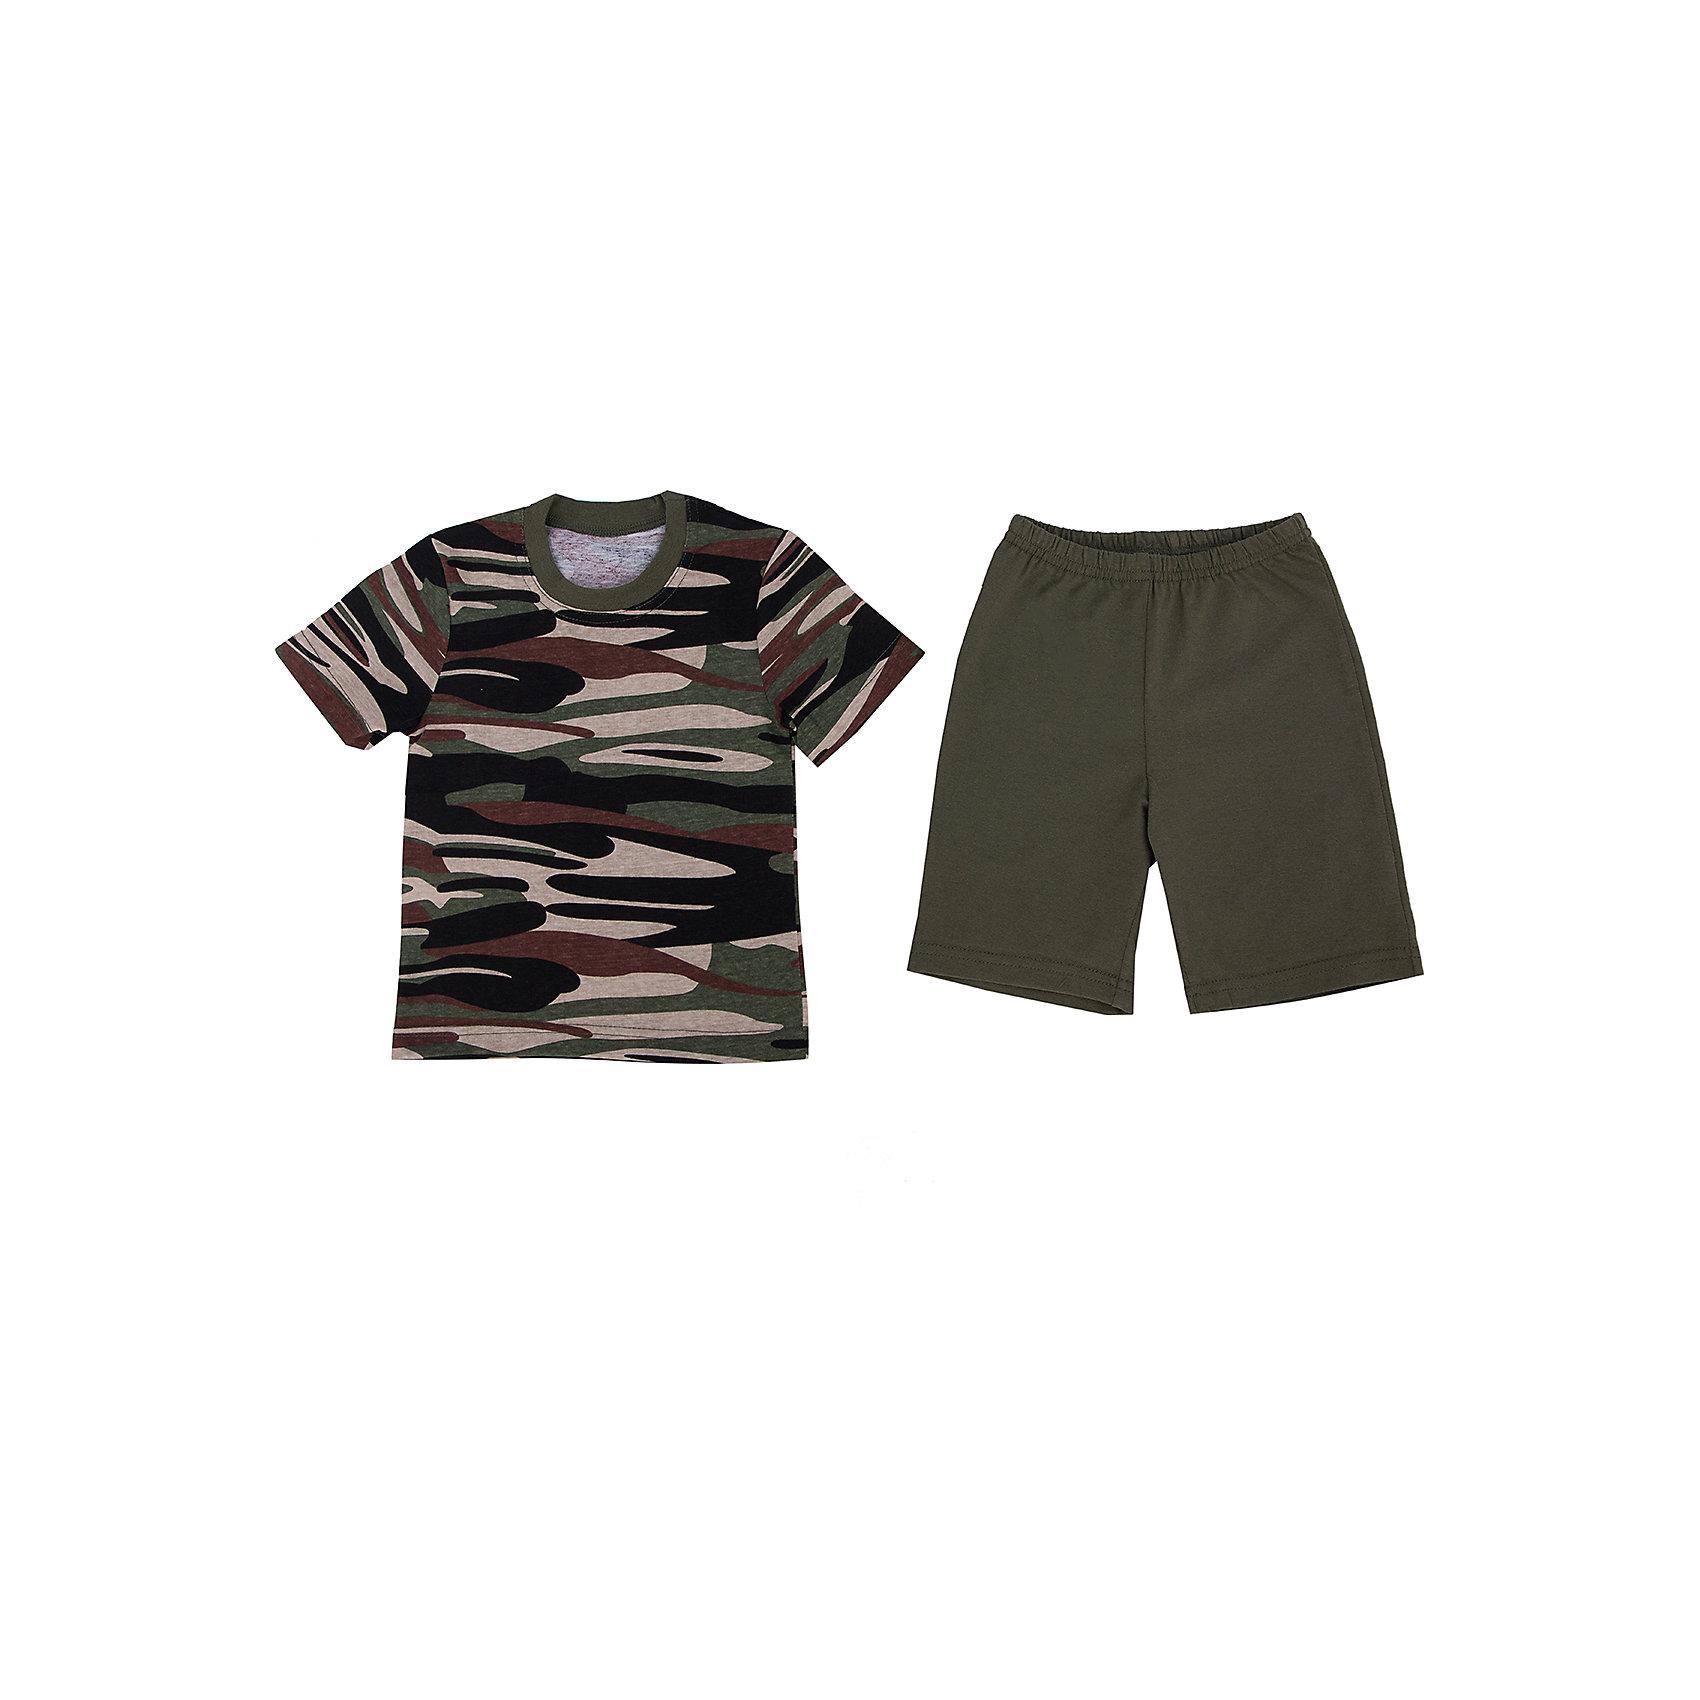 Пижама для мальчика АпрельПижамы и сорочки<br>Пижама для мальчика от известного бренда Апрель.<br><br>Состав:<br>хлопок 100%<br><br>Ширина мм: 281<br>Глубина мм: 70<br>Высота мм: 188<br>Вес г: 295<br>Цвет: зеленый<br>Возраст от месяцев: 24<br>Возраст до месяцев: 36<br>Пол: Мужской<br>Возраст: Детский<br>Размер: 98,92,104,110,116,86<br>SKU: 4768078